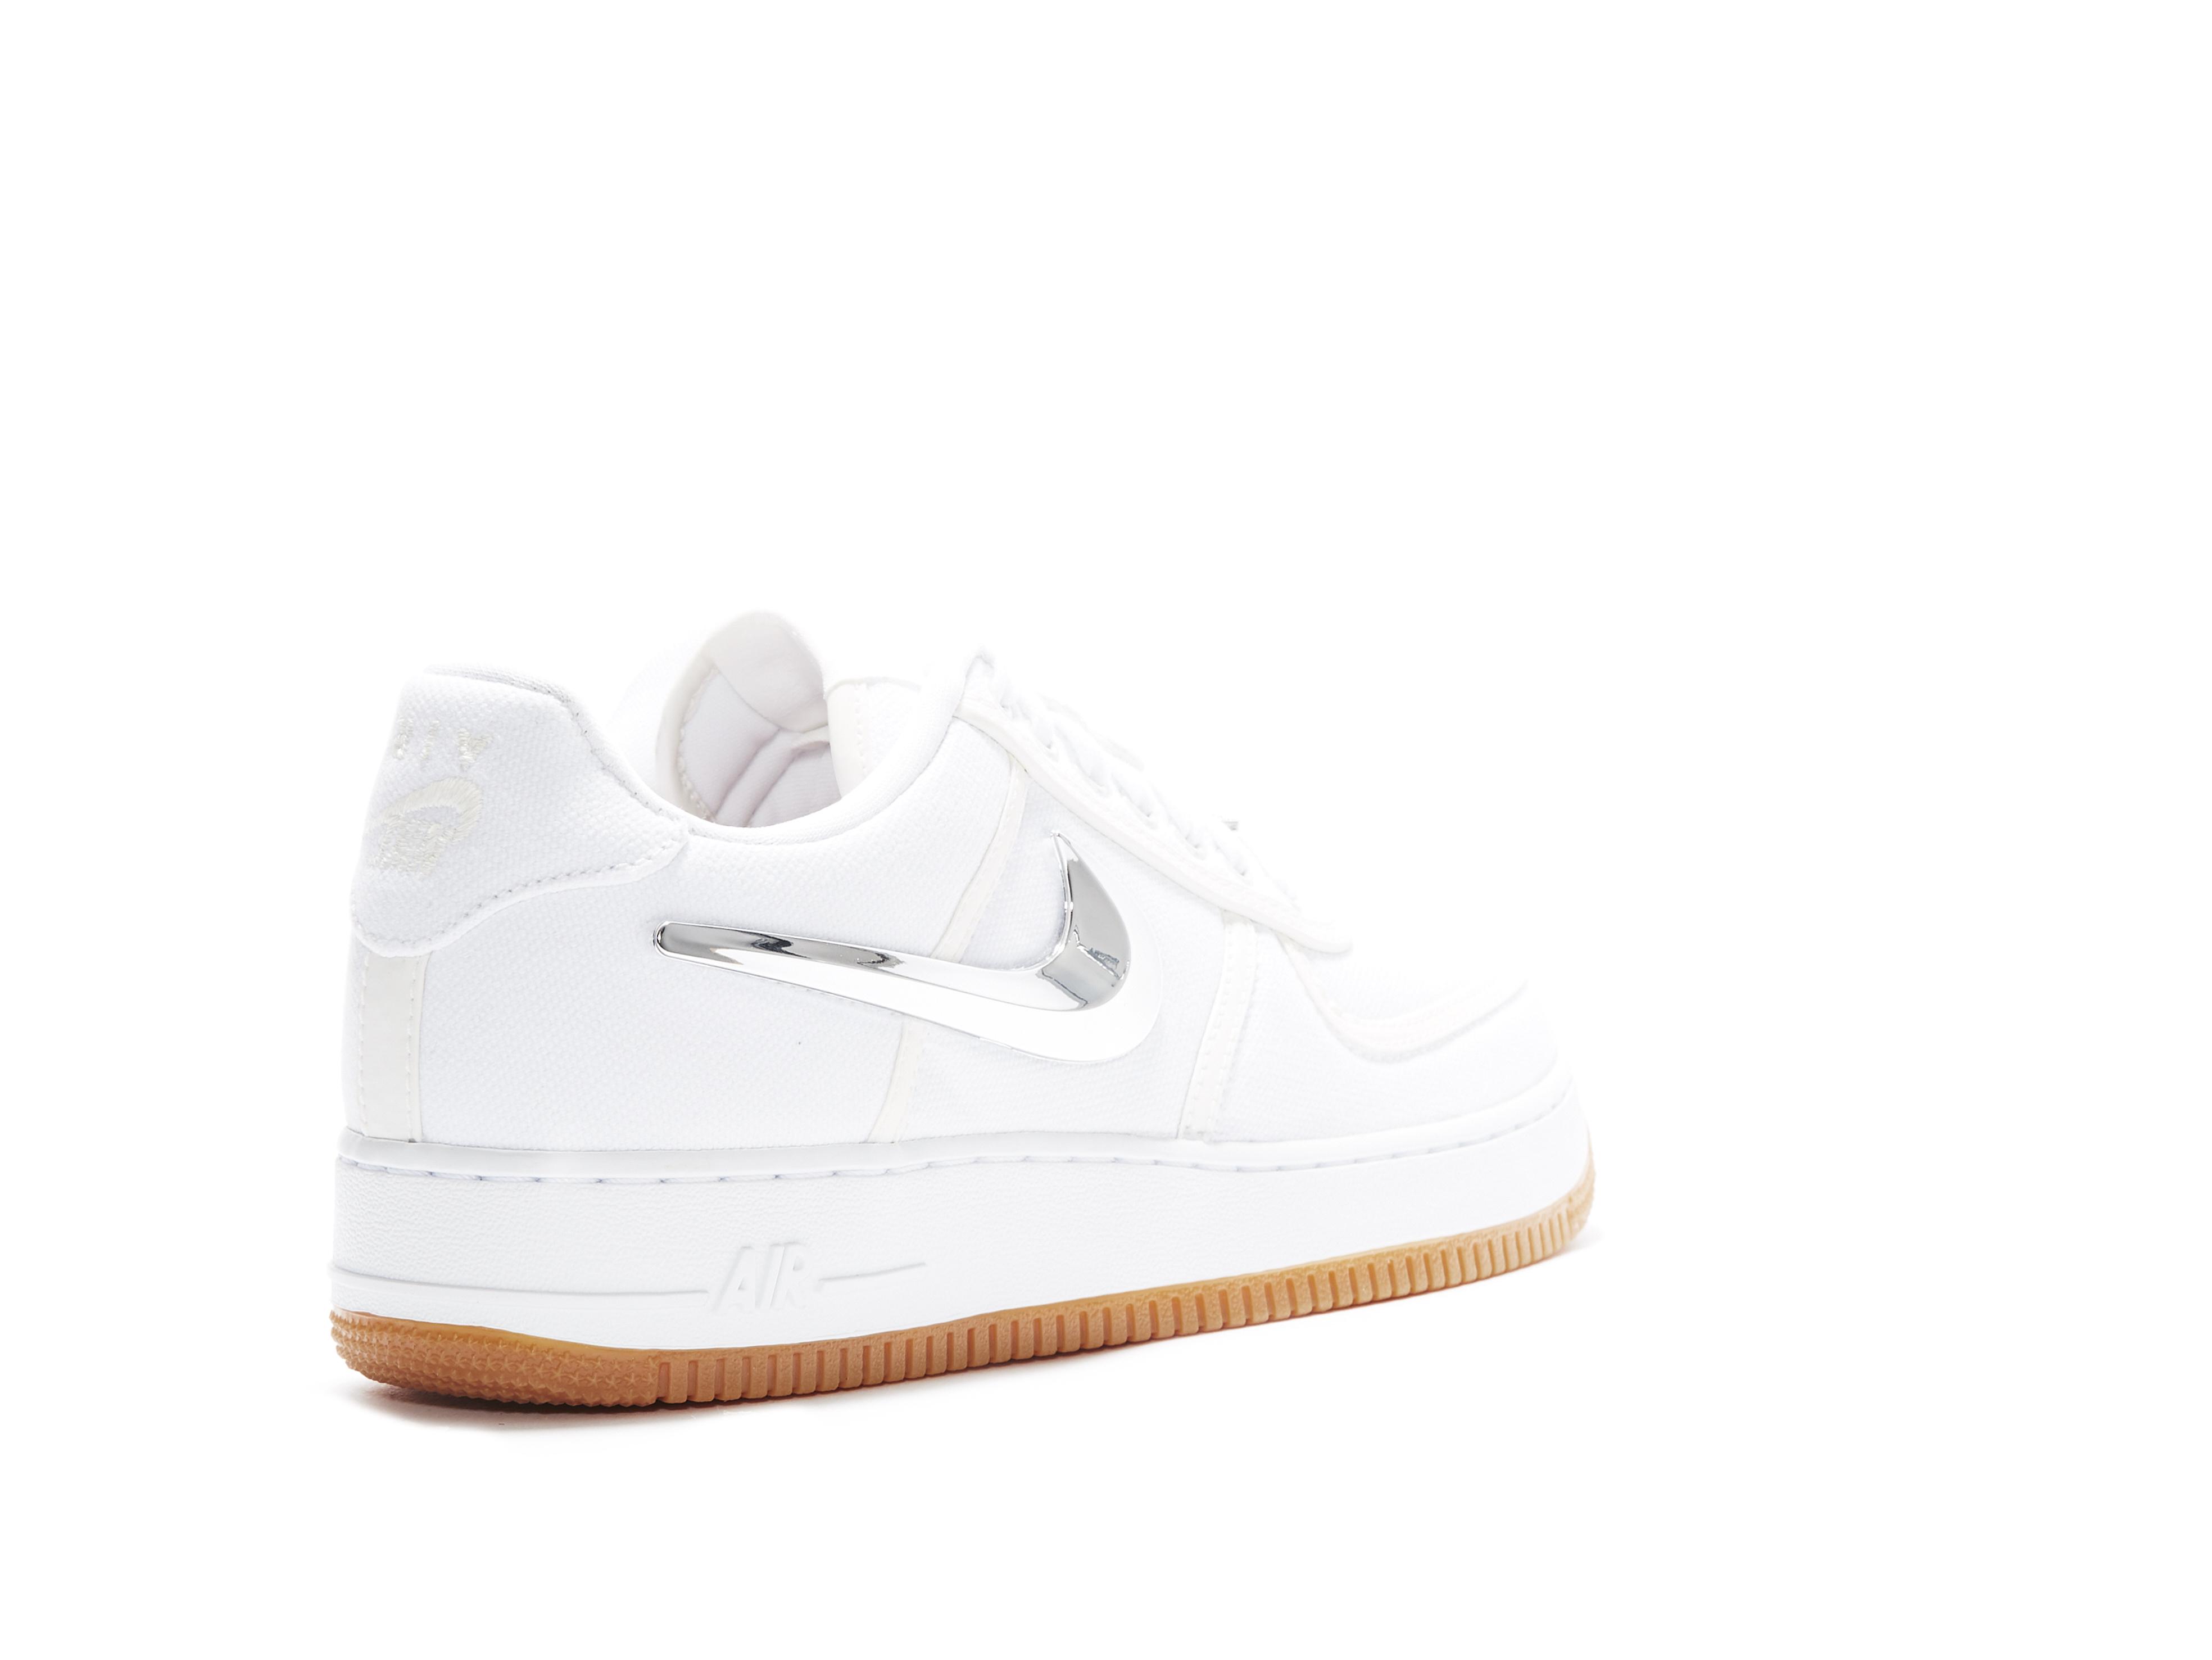 e07c56437ba217 Shop Travis Scott x Air Force 1 White Online | Laced